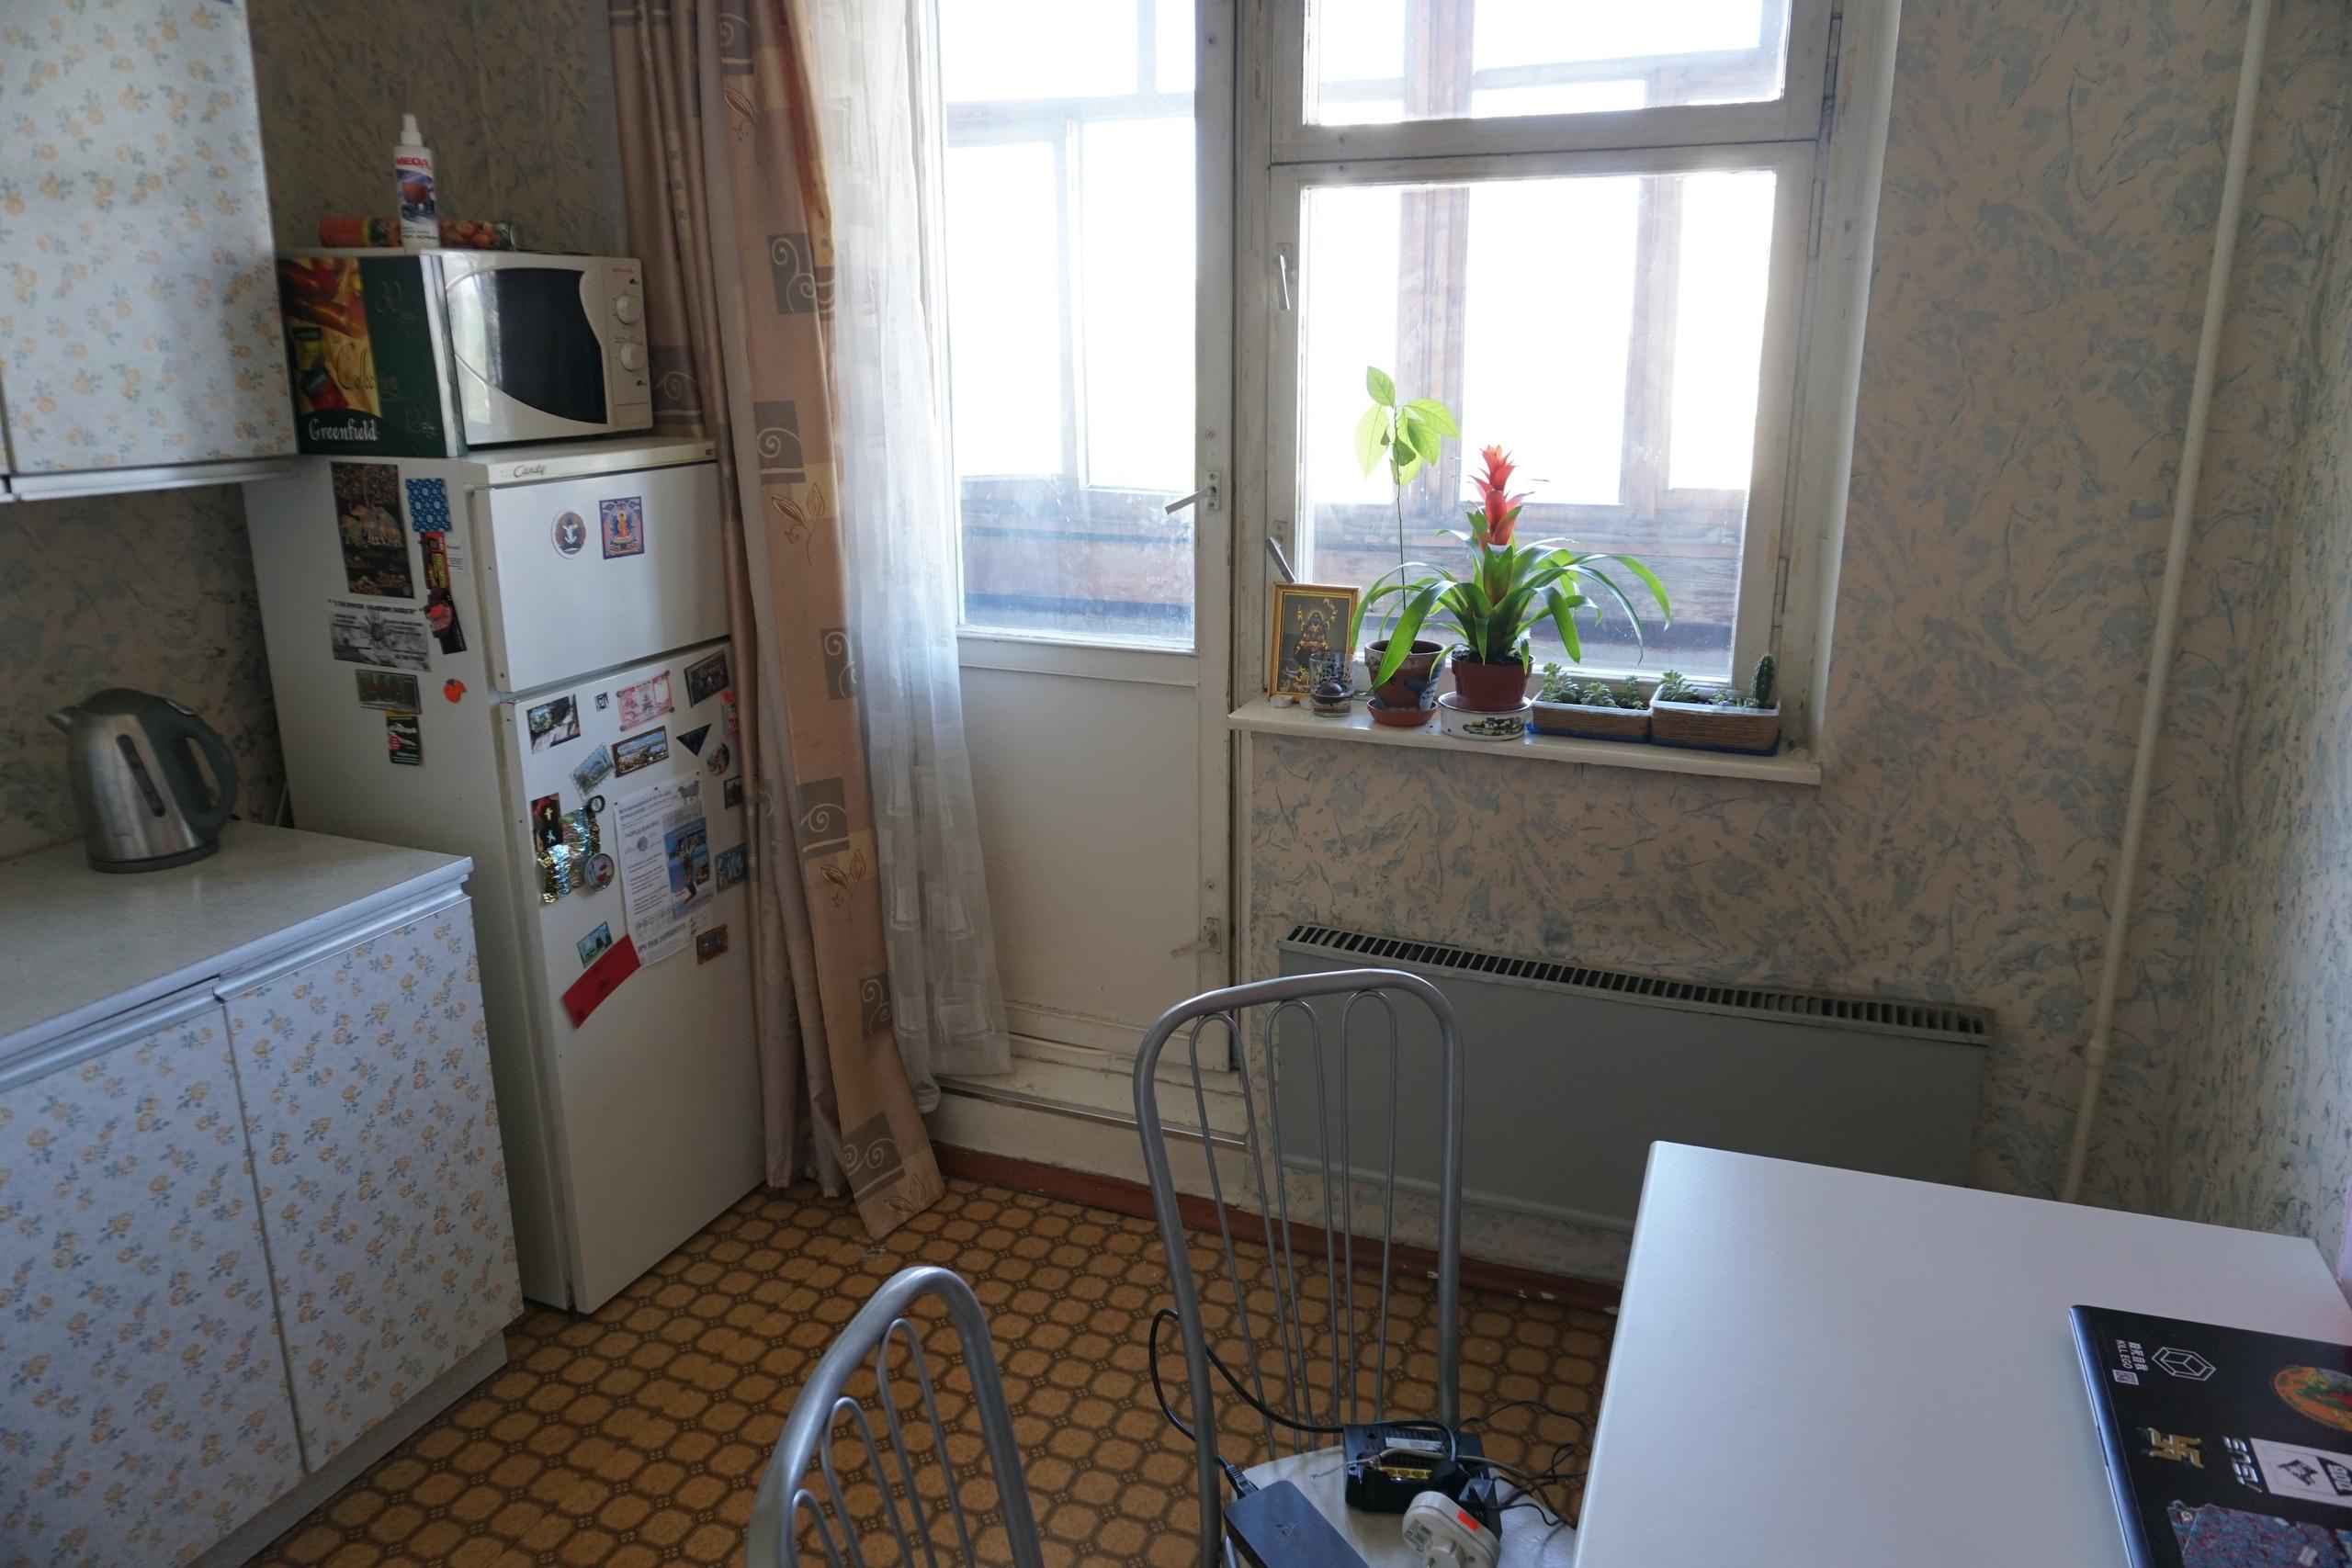 Капремонт замена батарей отопления в квартире отзывы